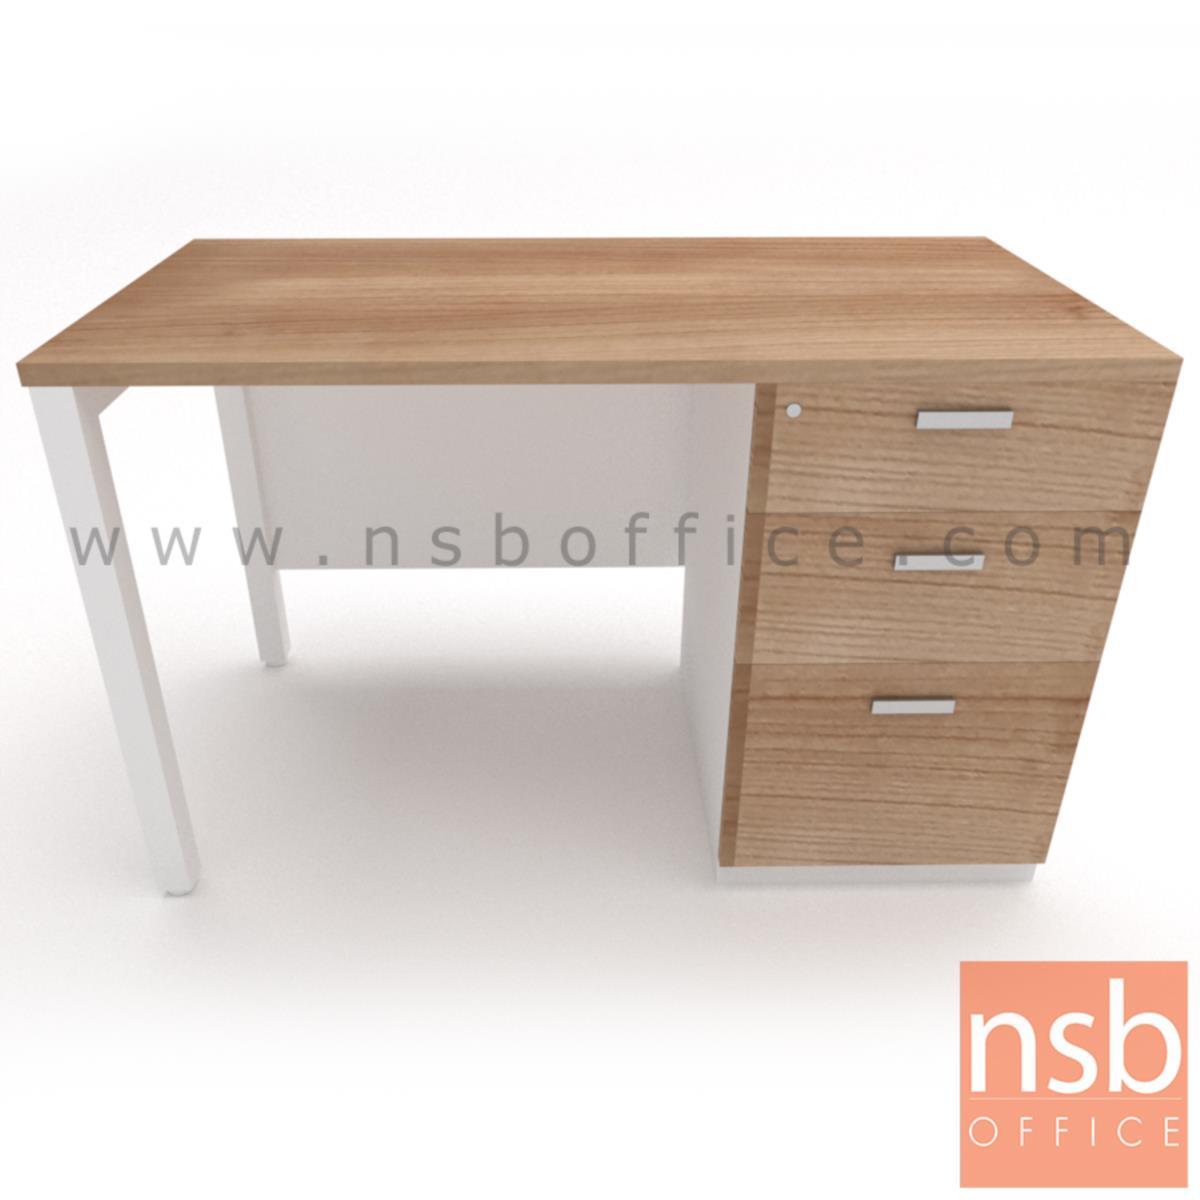 โต๊ะทำงาน 3 ลิ้นชัก บังโป๊ไม้  ขนาด 120W ,135W ,150W ,180W cm.  ขาเหล็กเหลี่ยมทำสี